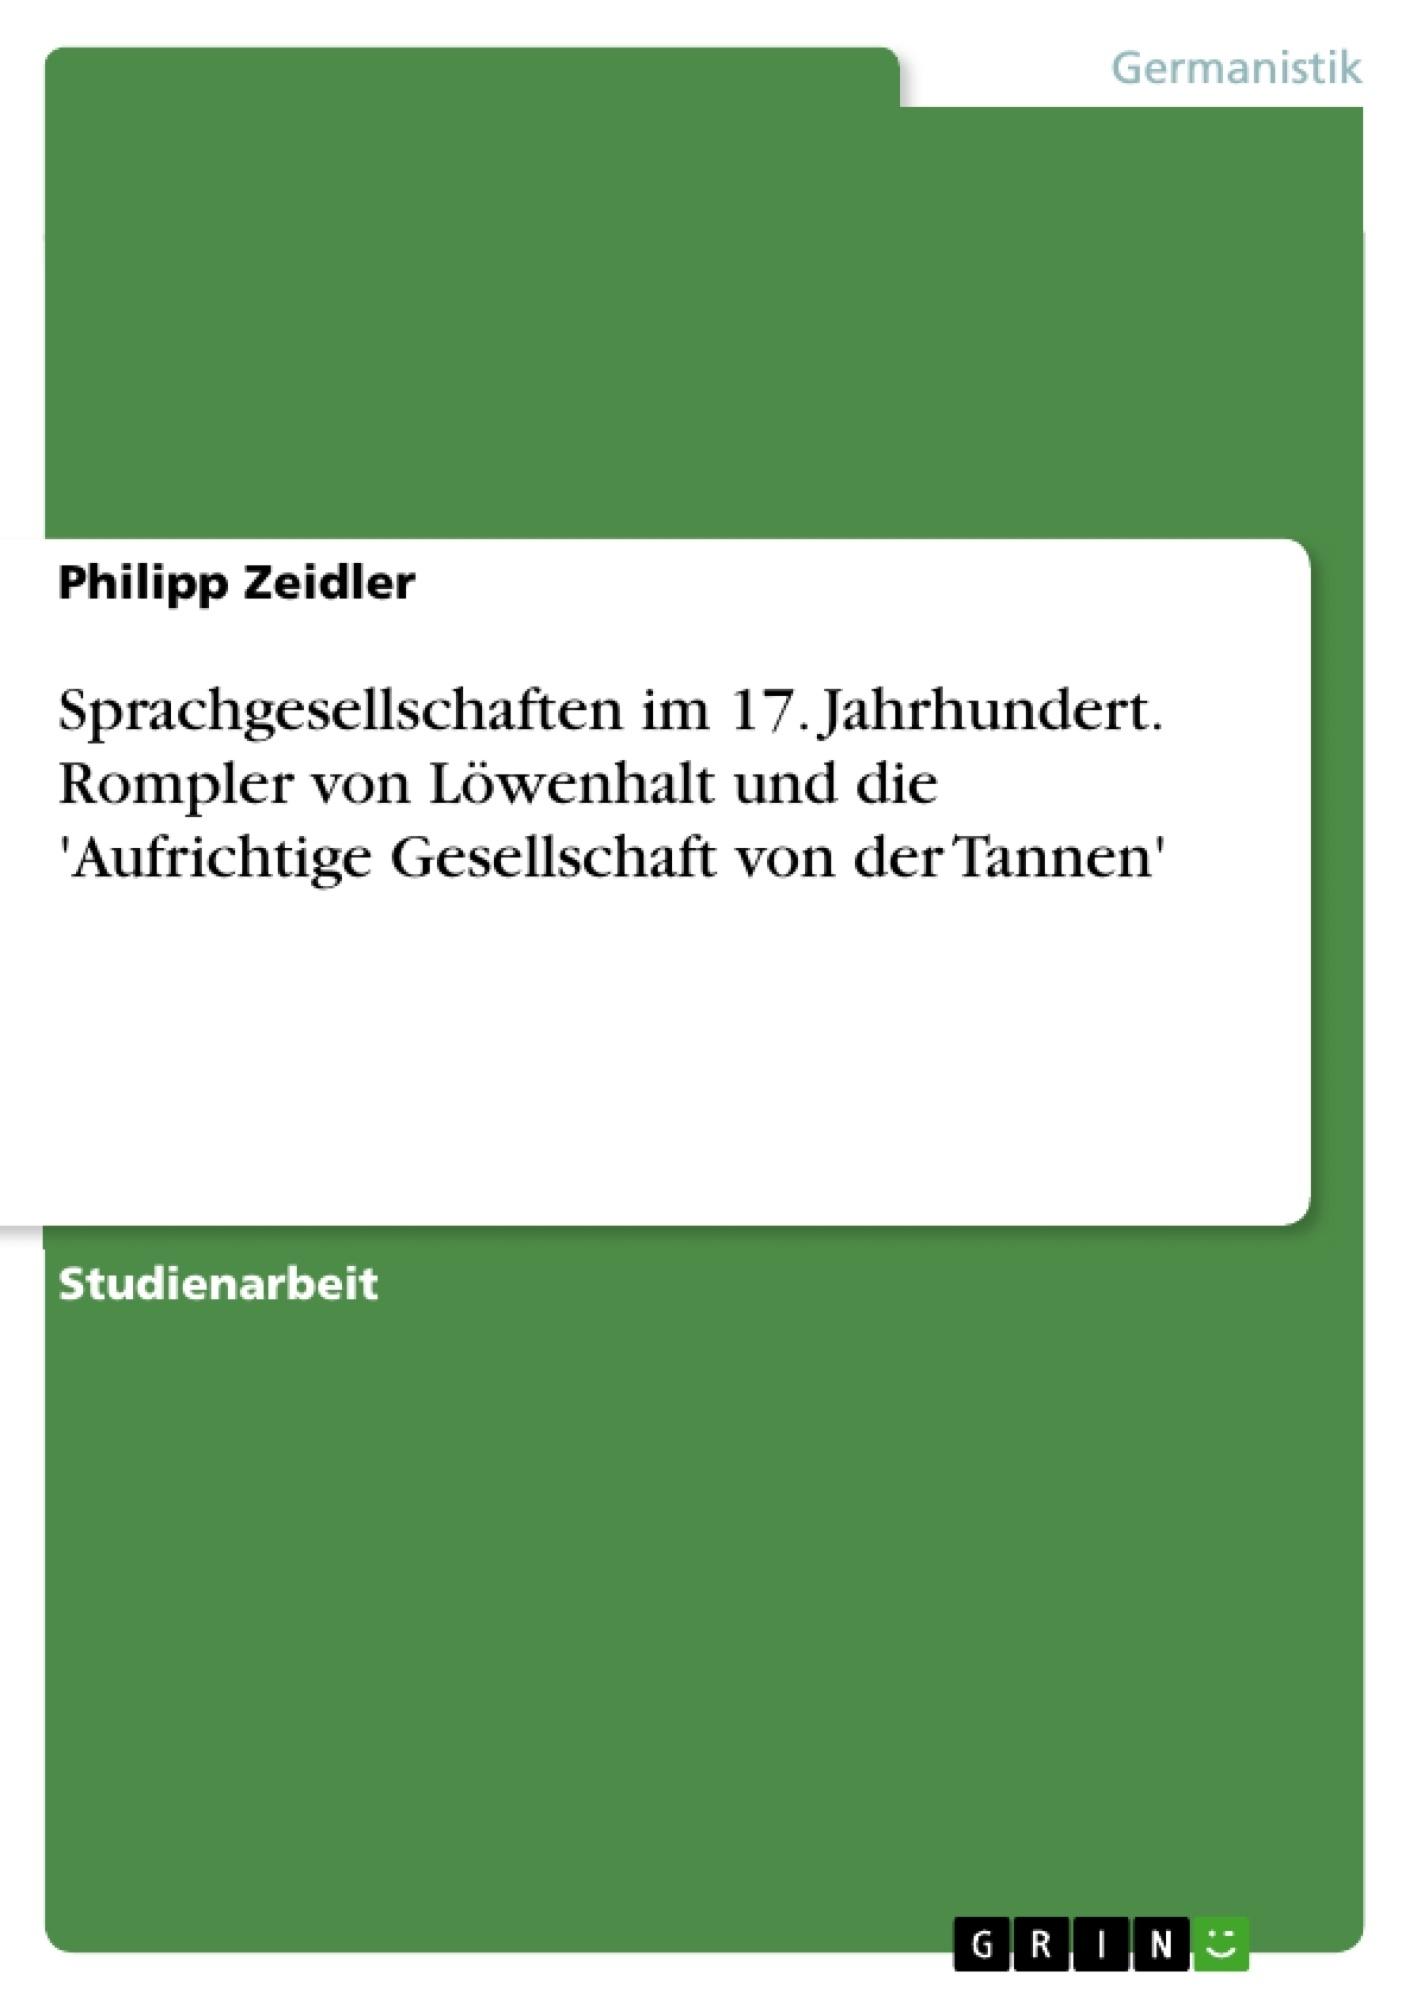 Titel: Sprachgesellschaften im 17. Jahrhundert. Rompler von Löwenhalt und die 'Aufrichtige Gesellschaft von der Tannen'